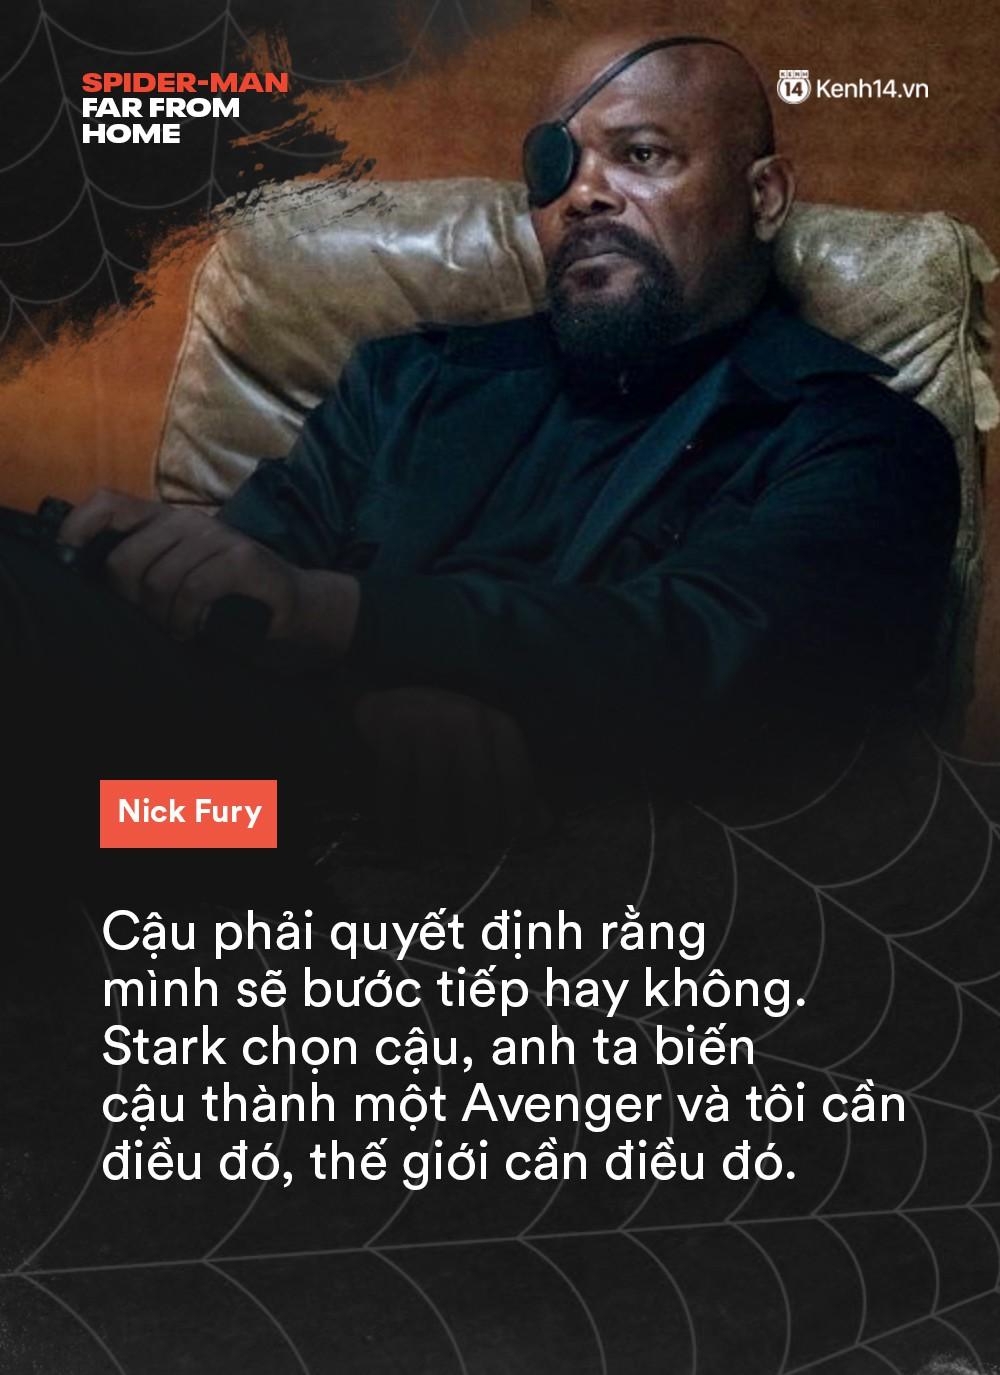 14 câu thoại cảm động trong FAR FROM HOME: Cậu để ý tớ chỉ vì tớ là Spider-Man à? - Ảnh 2.